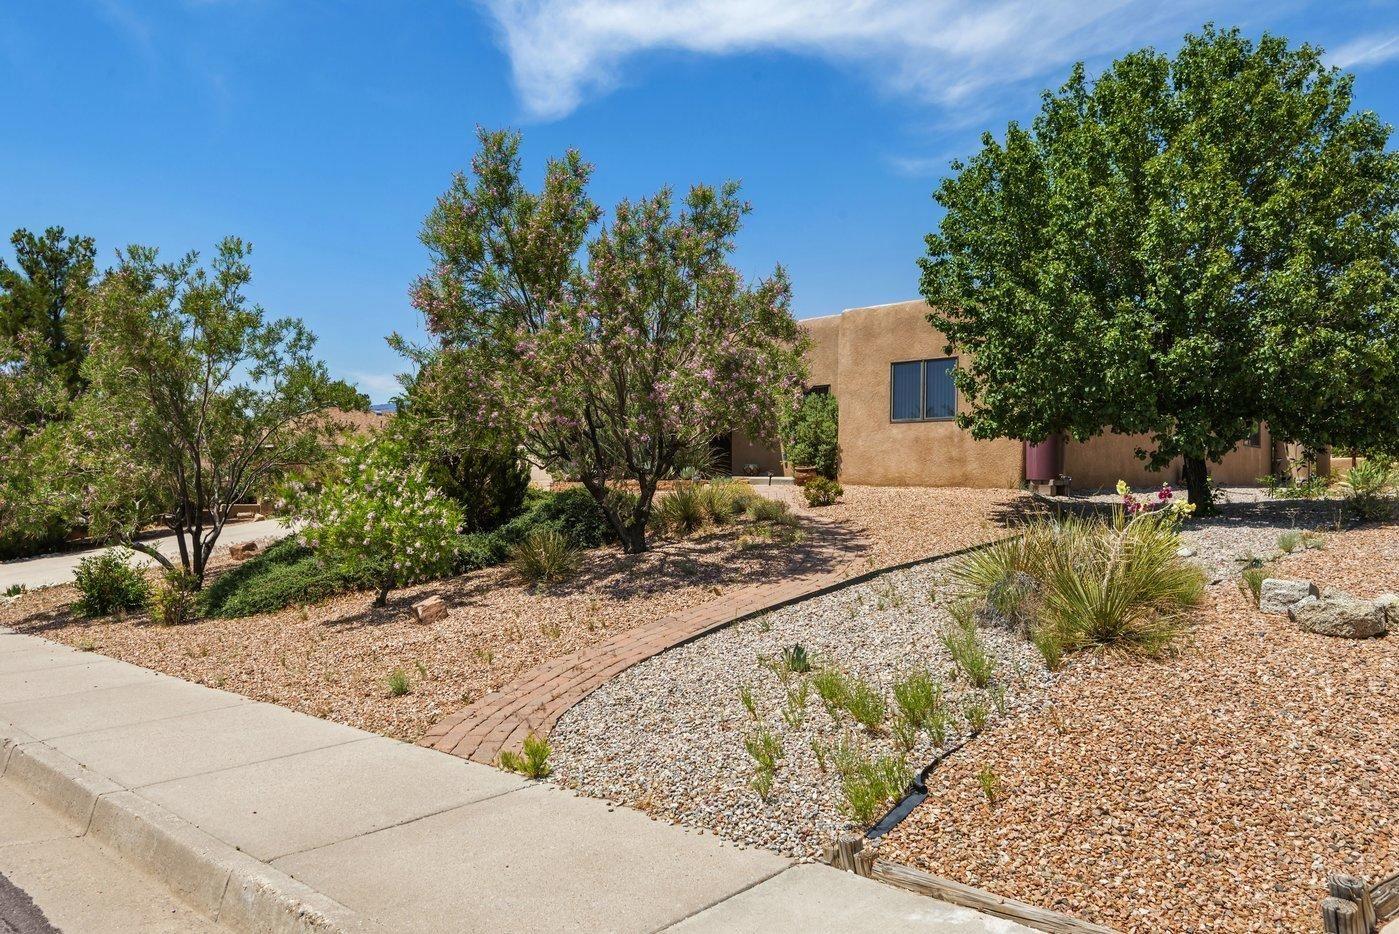 Photo of 14207 Sunglow Road NE, Albuquerque, NM 87123 (MLS # 994295)